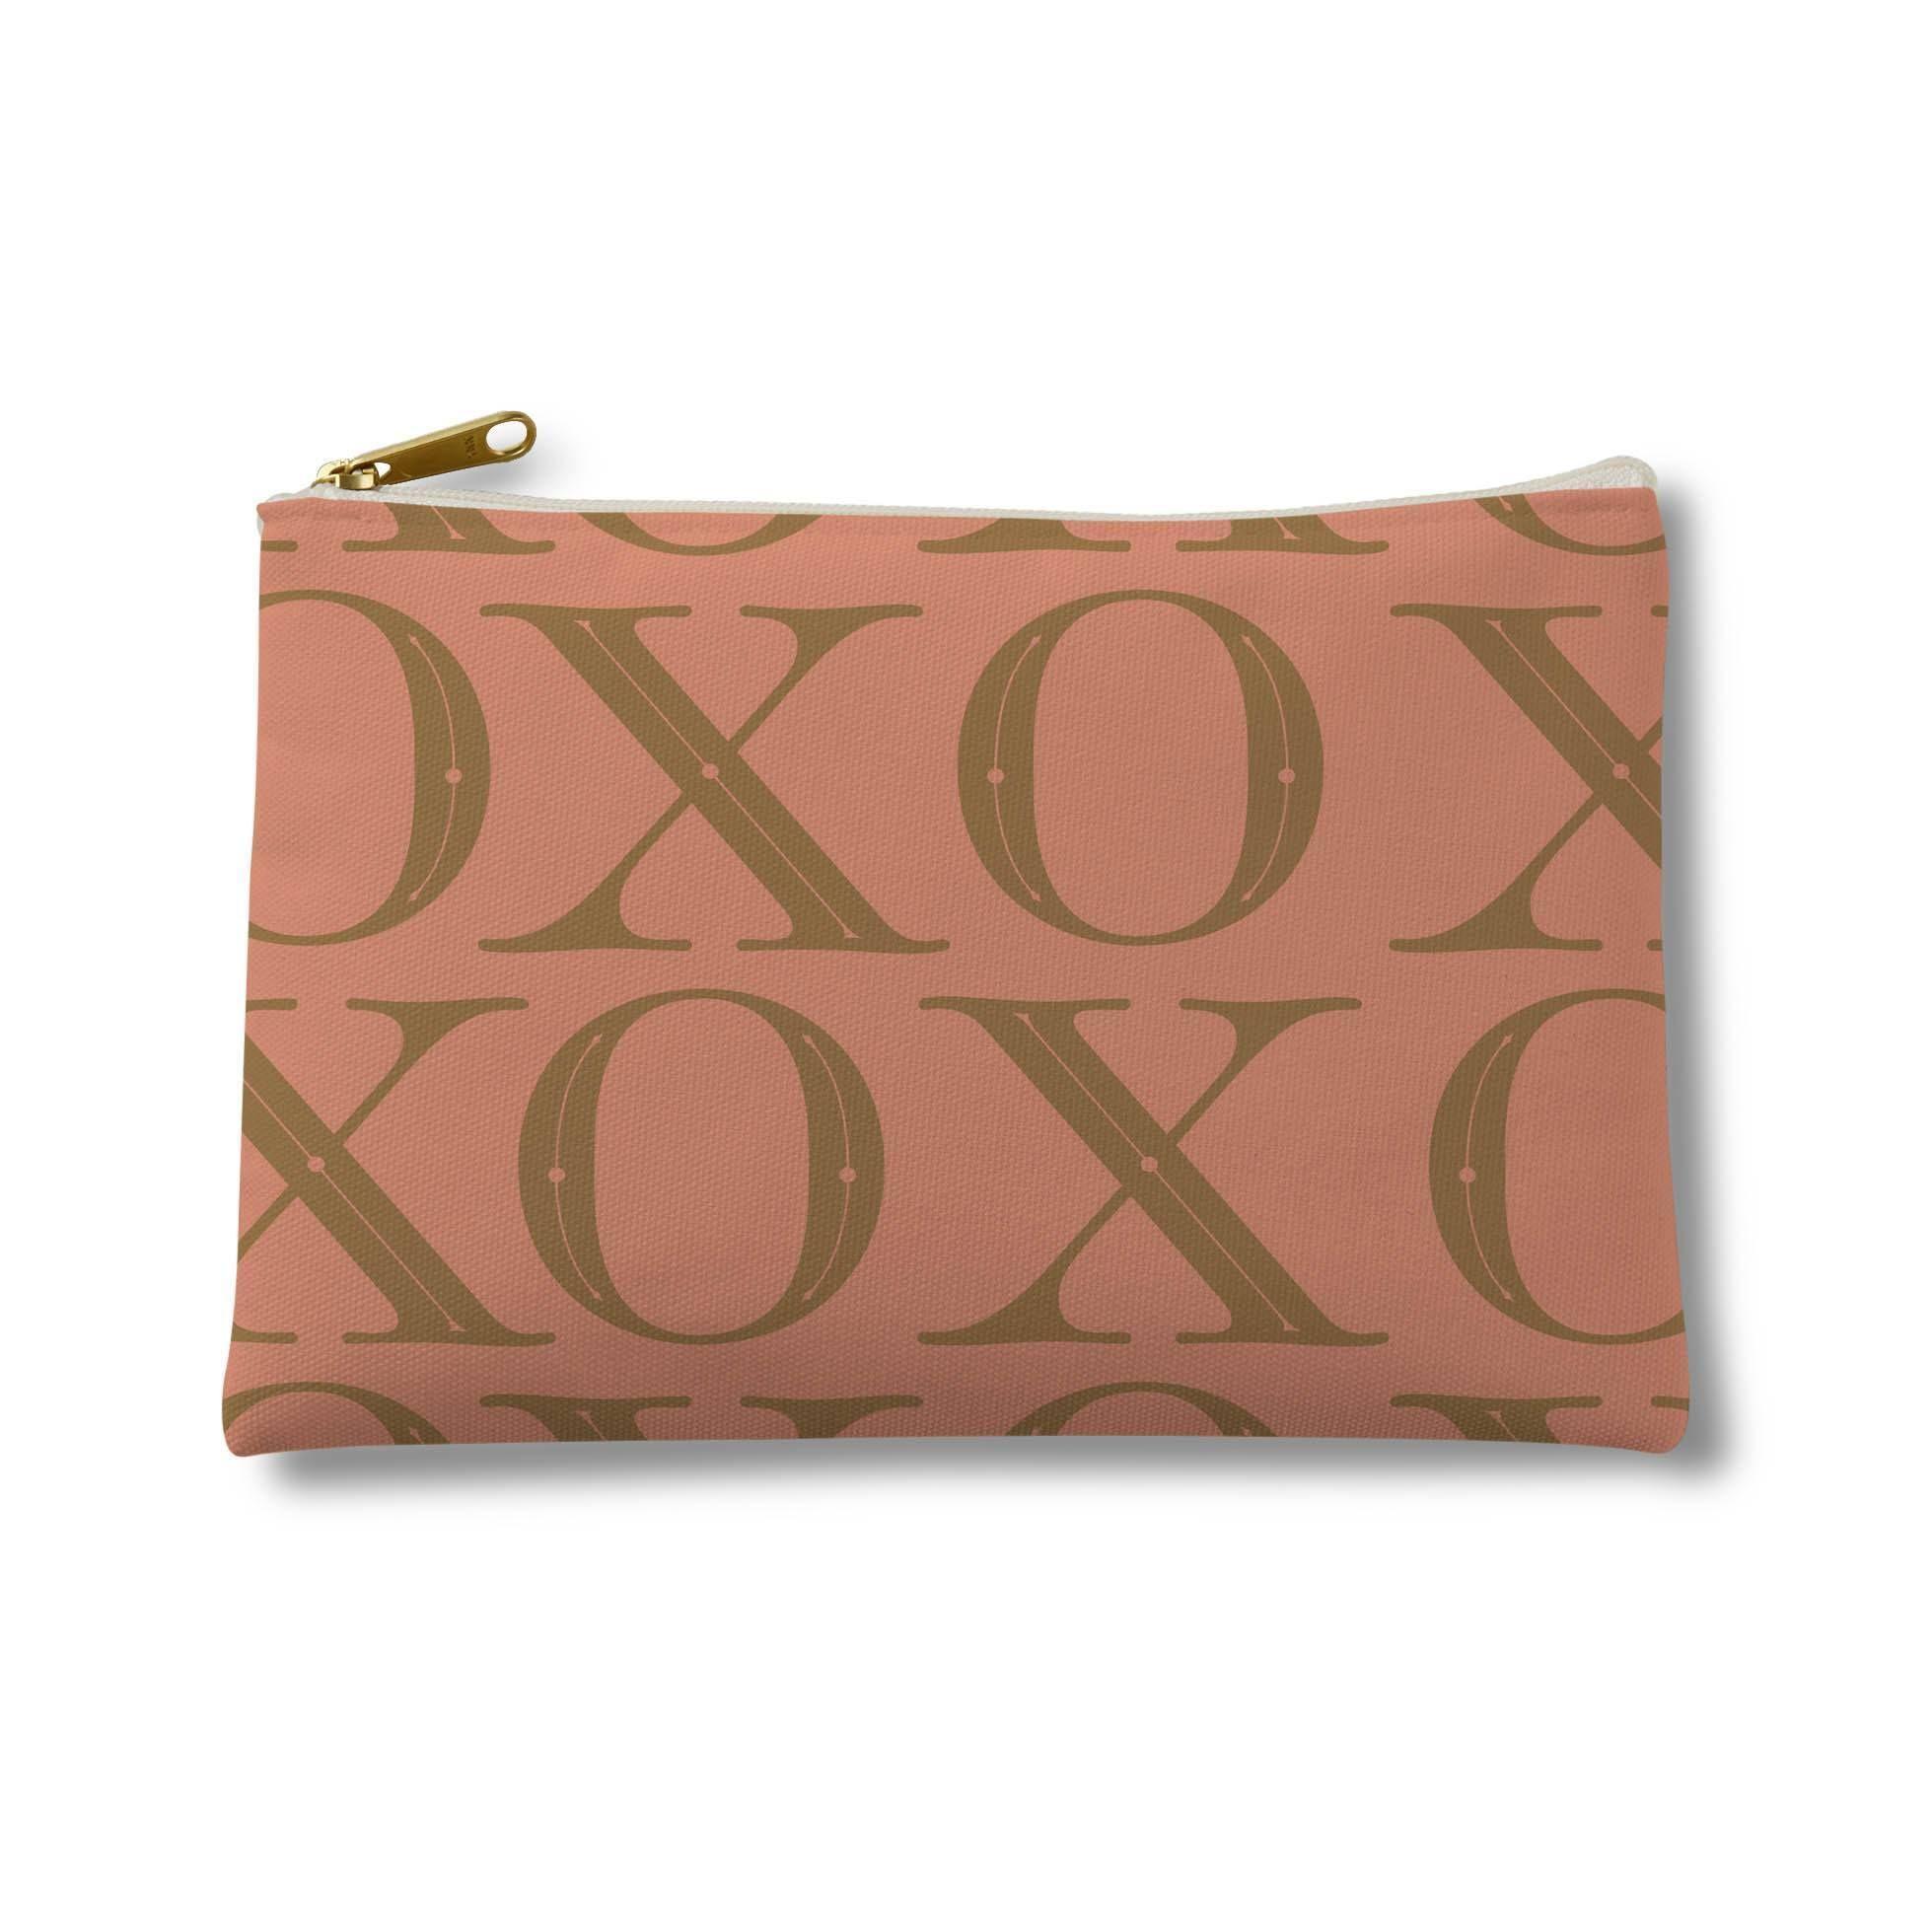 Tailored XO Pattern-Gold on Light Peach